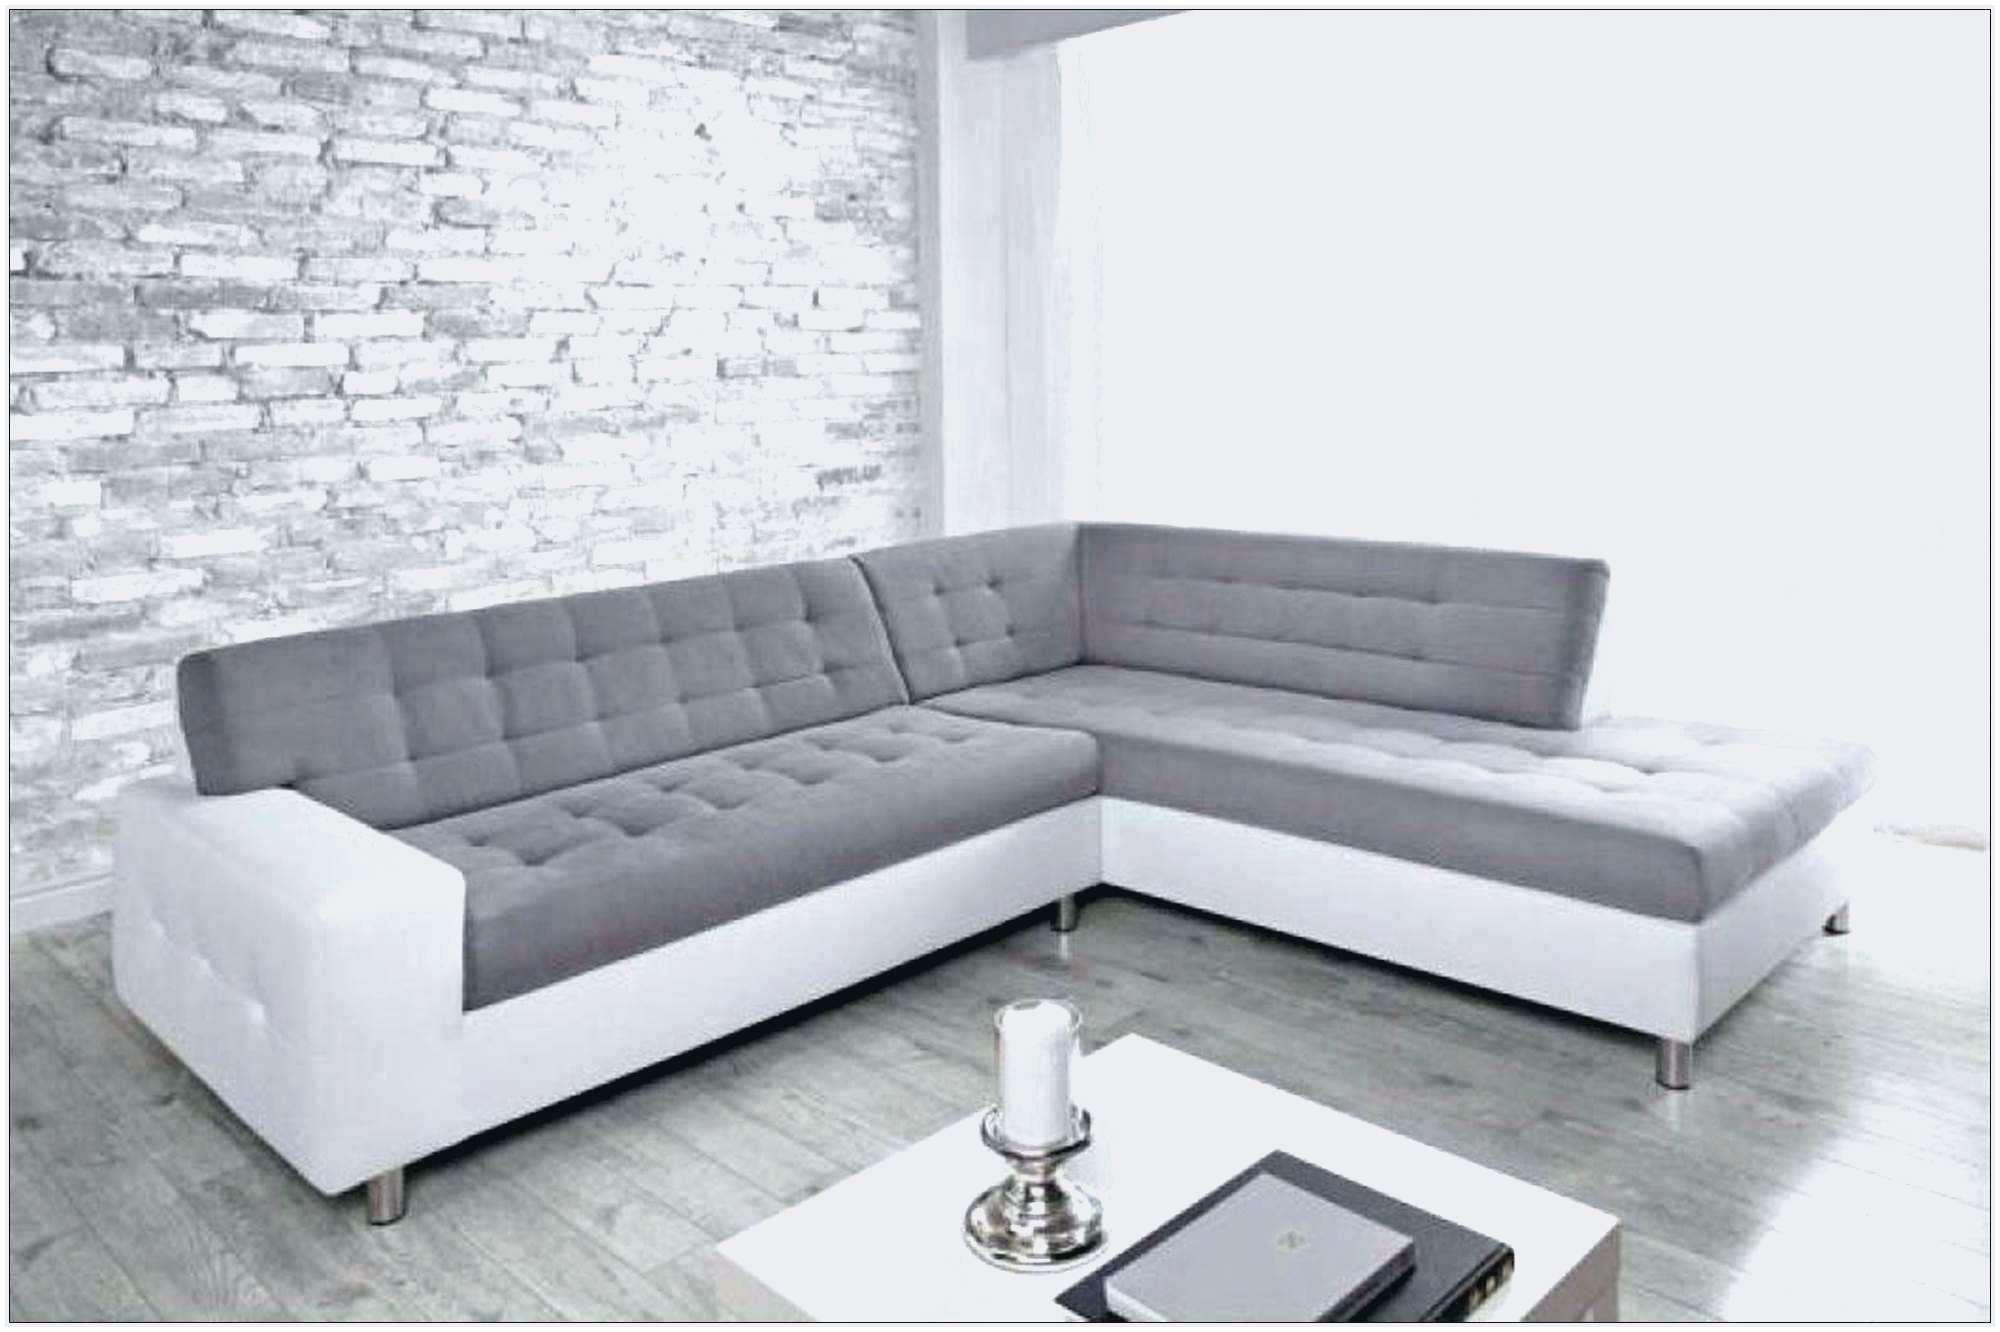 Housse Canapé Lit Belle Inspiré Ikea Canapé D Angle Convertible Beau Image Lit 2 Places 25